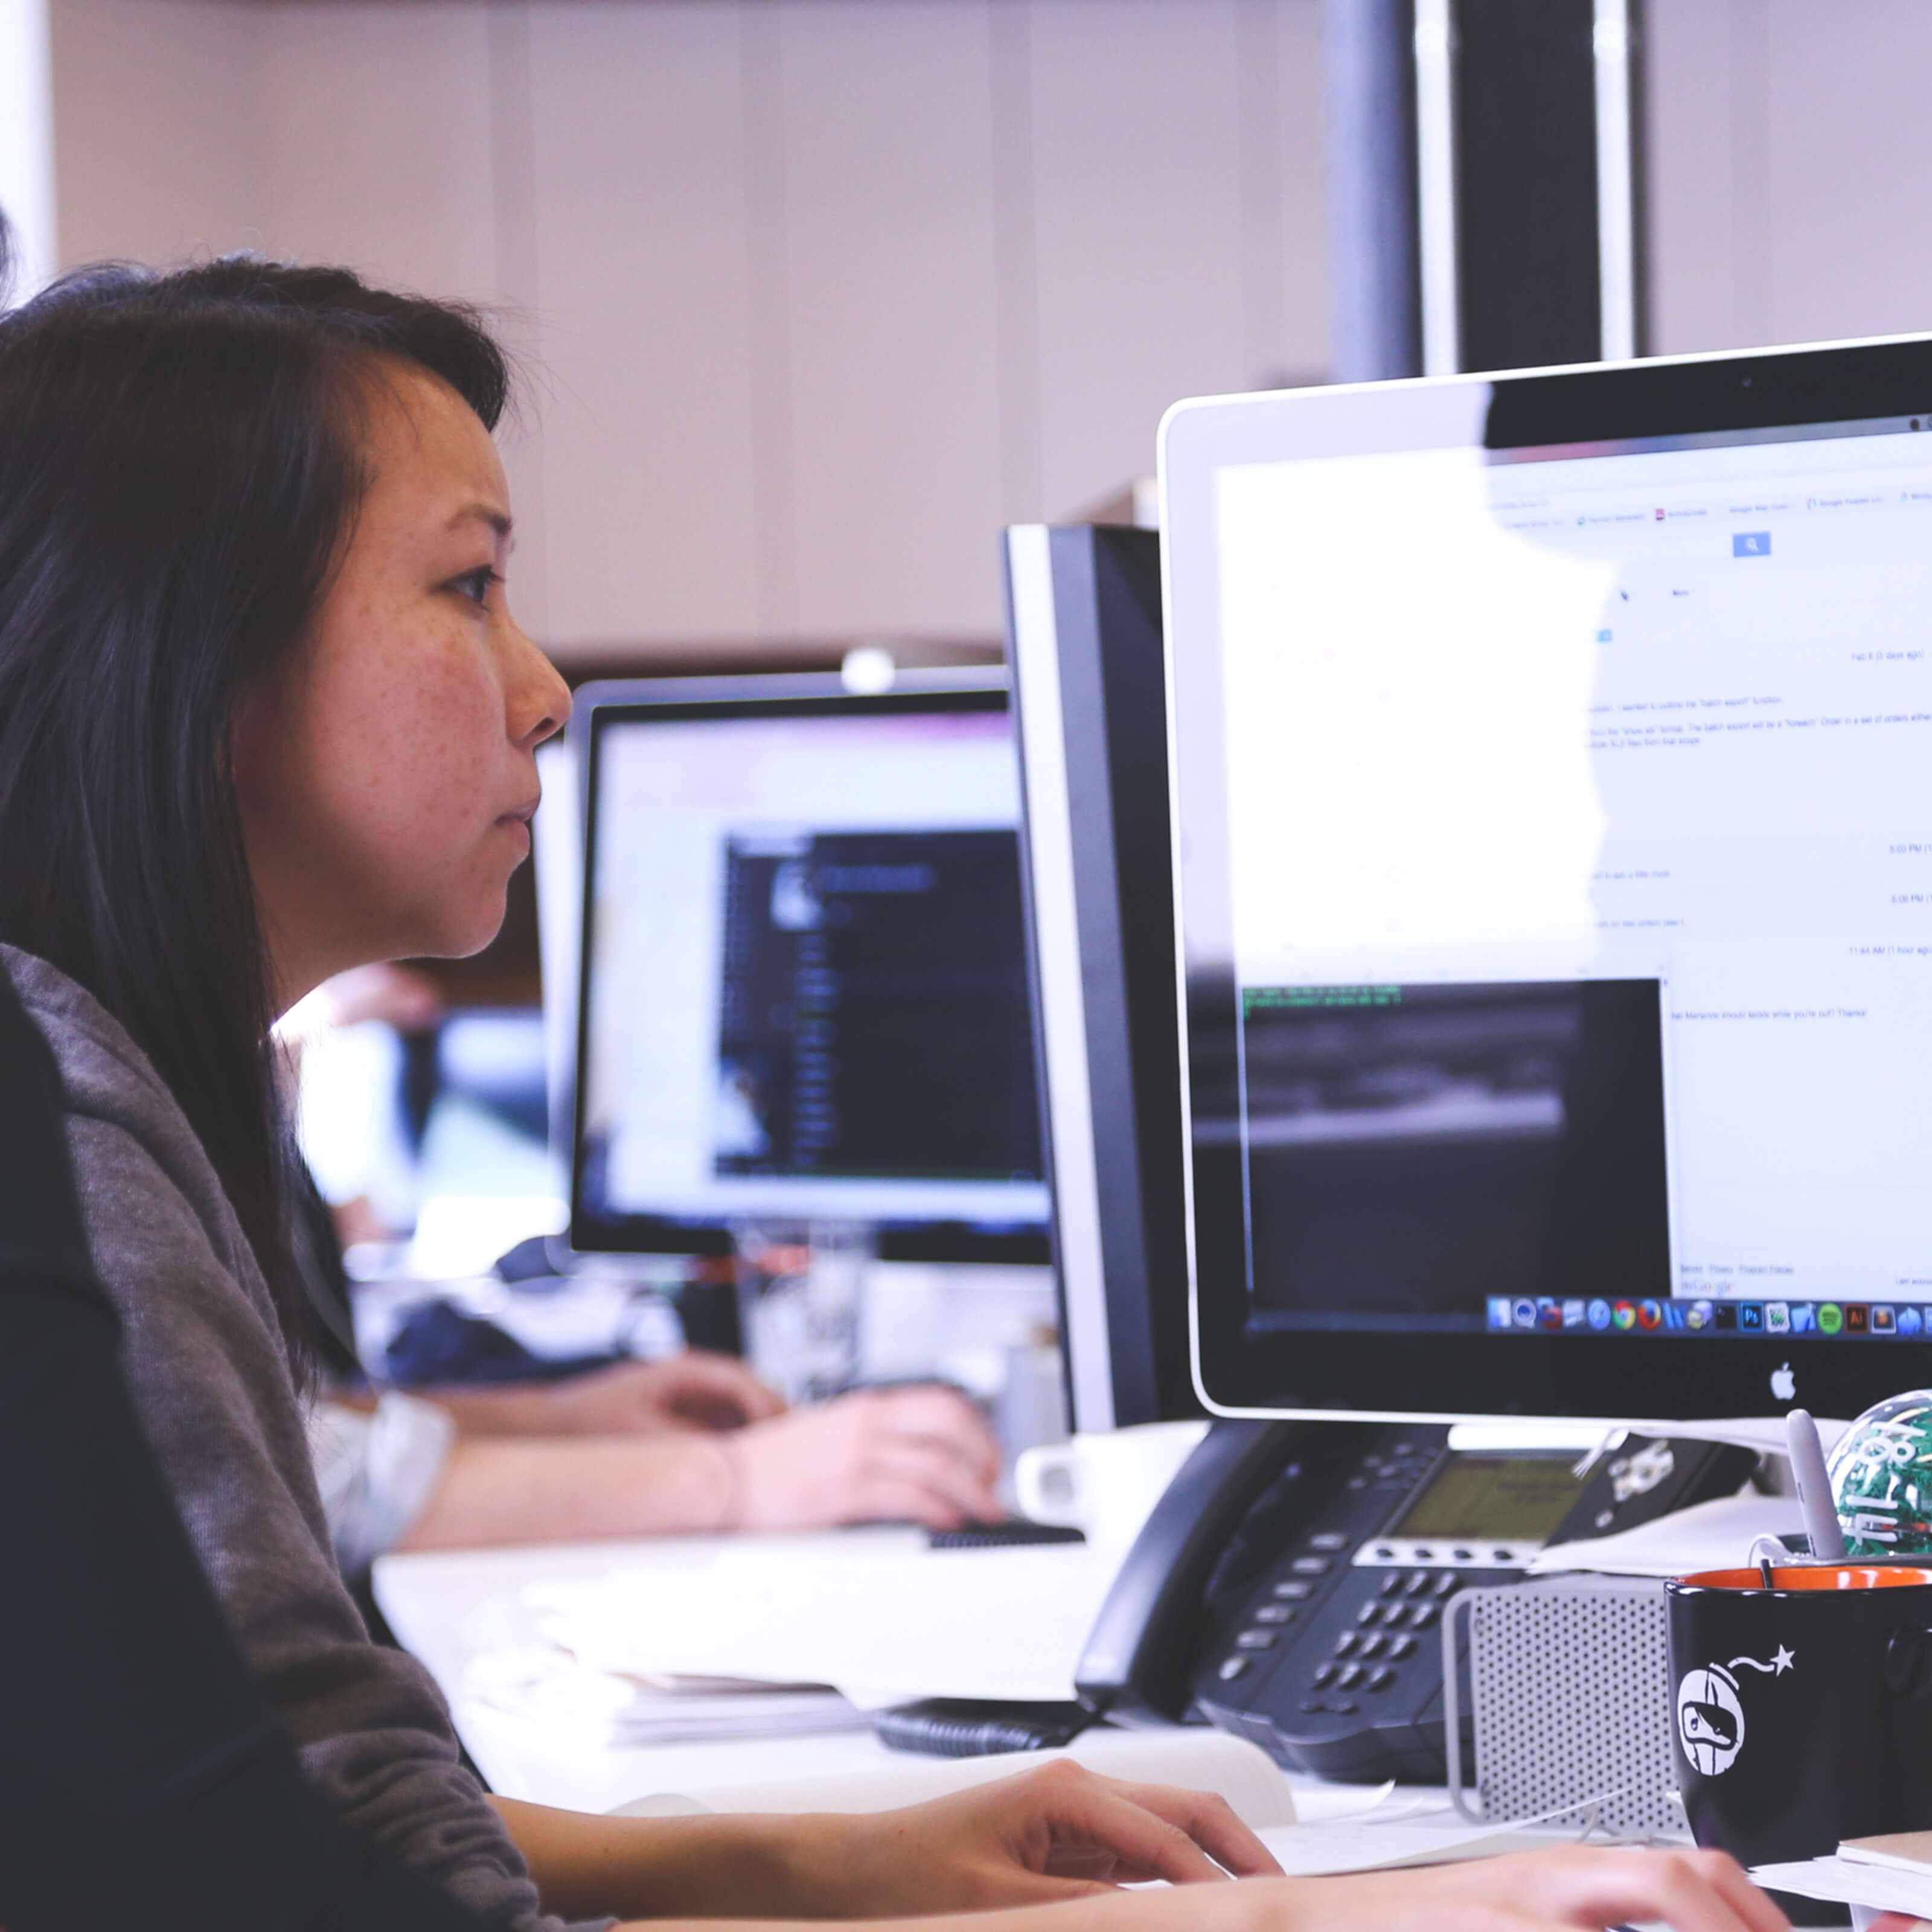 asian woman typing at desk, computer monitors